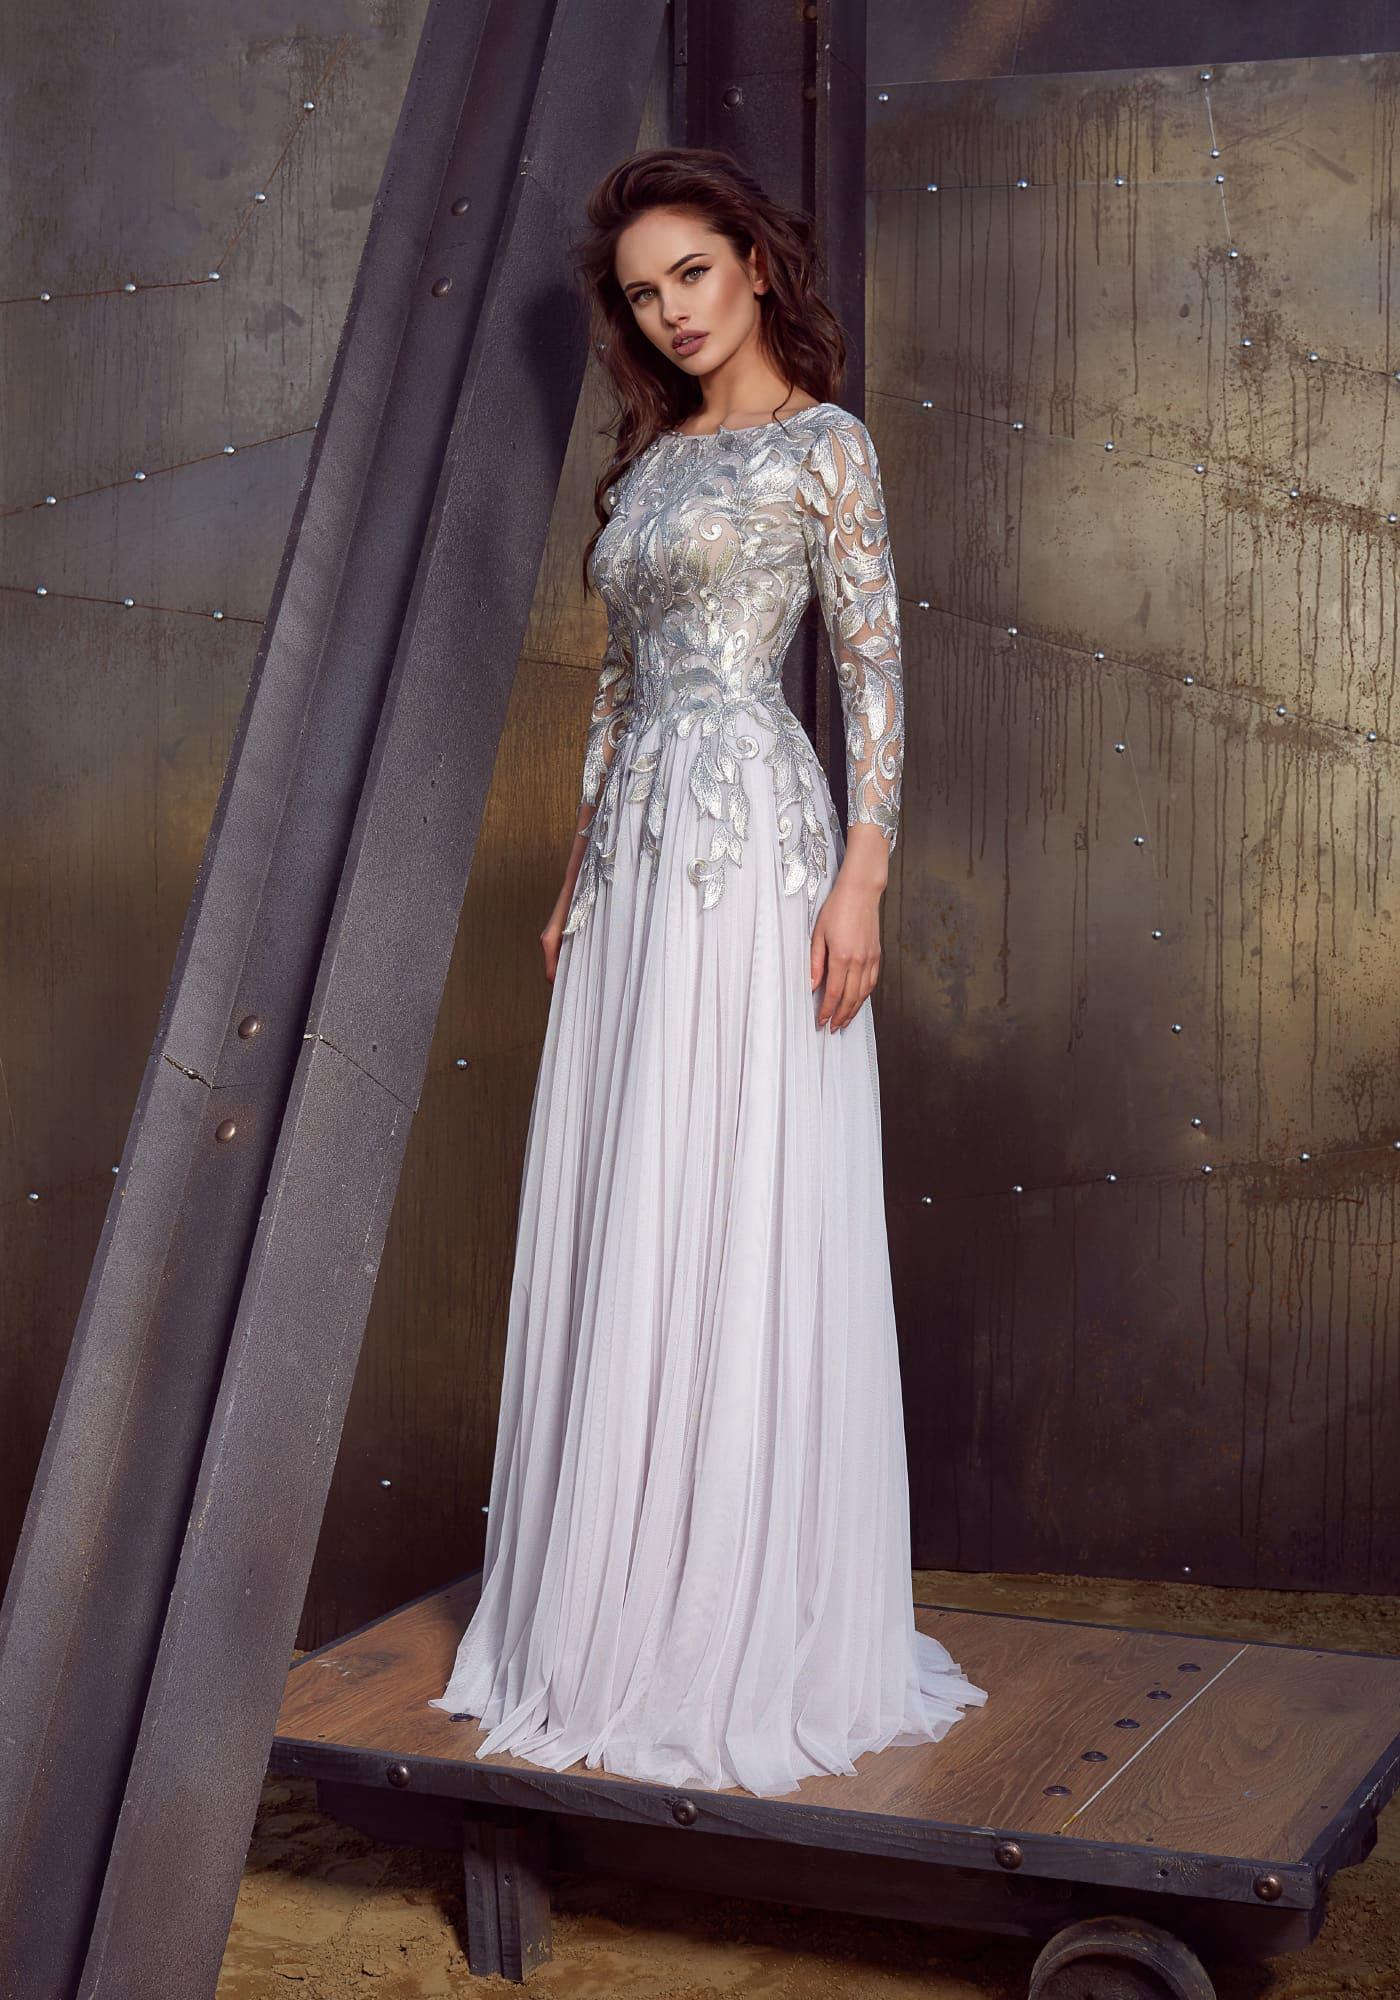 28e9e4822f8 Вечернее платье Lanesta Beirash ▷ Свадебный Торговый Центр Вега в Москве